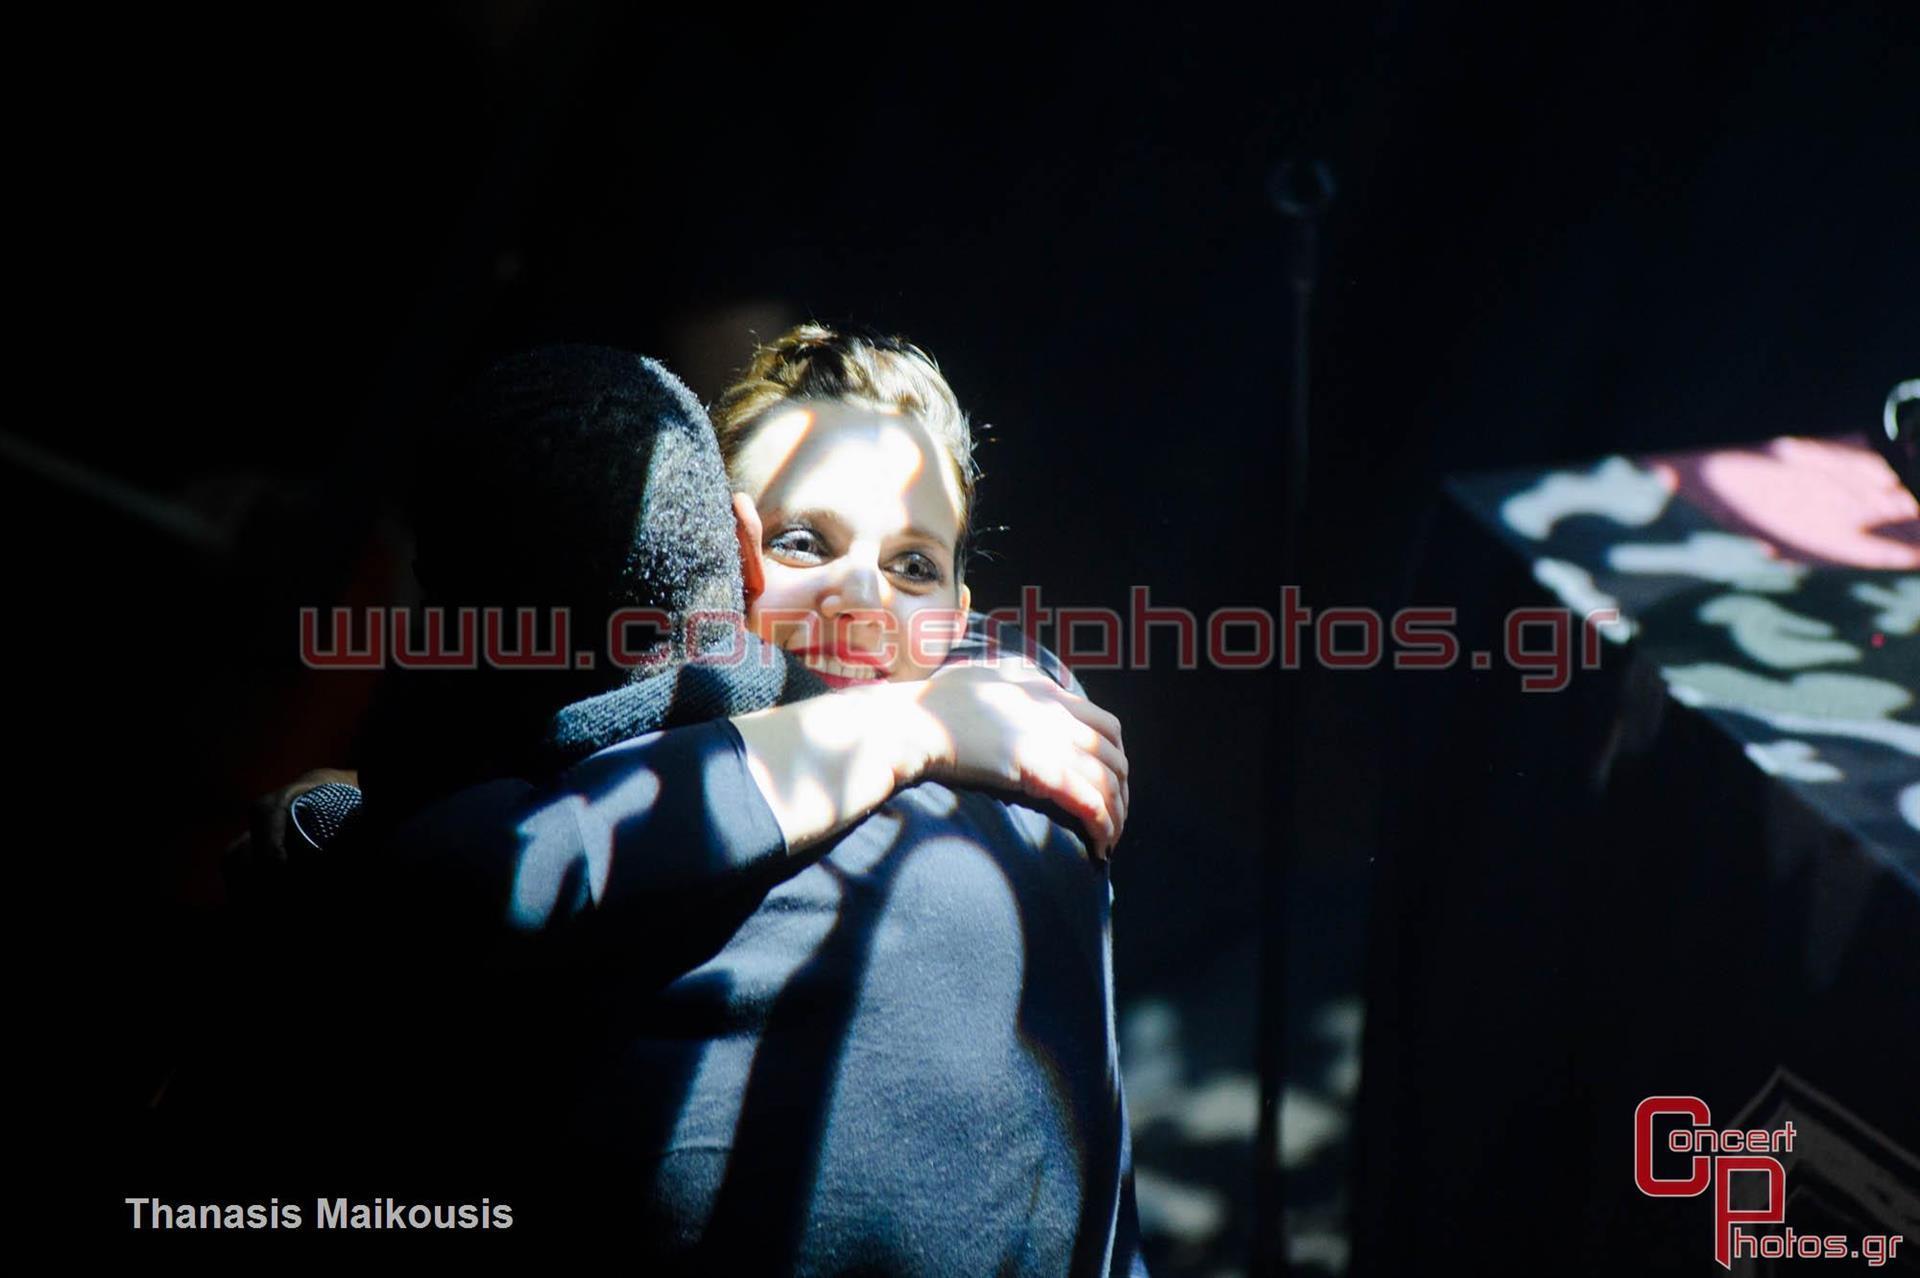 Wax Tailor - photographer: Thanasis Maikousis - ConcertPhotos-8088